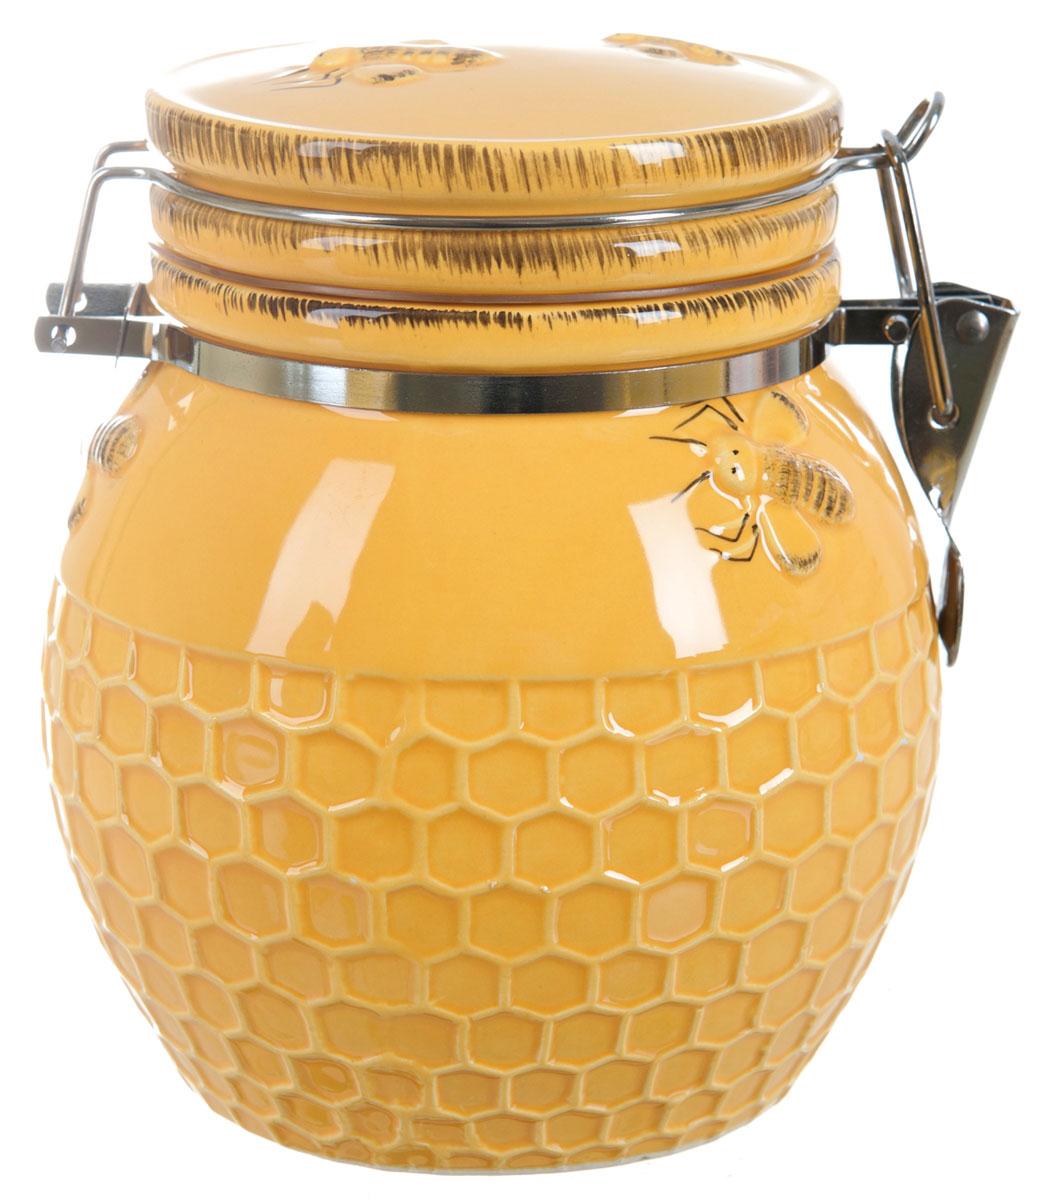 Банка для сыпучих продуктов ENS Group Пчелка, 800 мл2750010Банка для сыпучих продуктов ENS Group Пчелка, изготовлена из высококачественной керамики. Изделие оформлено сотами. Банка прекрасно подойдет для хранения различных сыпучих продуктов: чая, кофе, сахара, круп и многого другого. Изящная емкость не только поможет хранить разнообразные сыпучие продукты, но и стильно дополнит интерьер кухни.